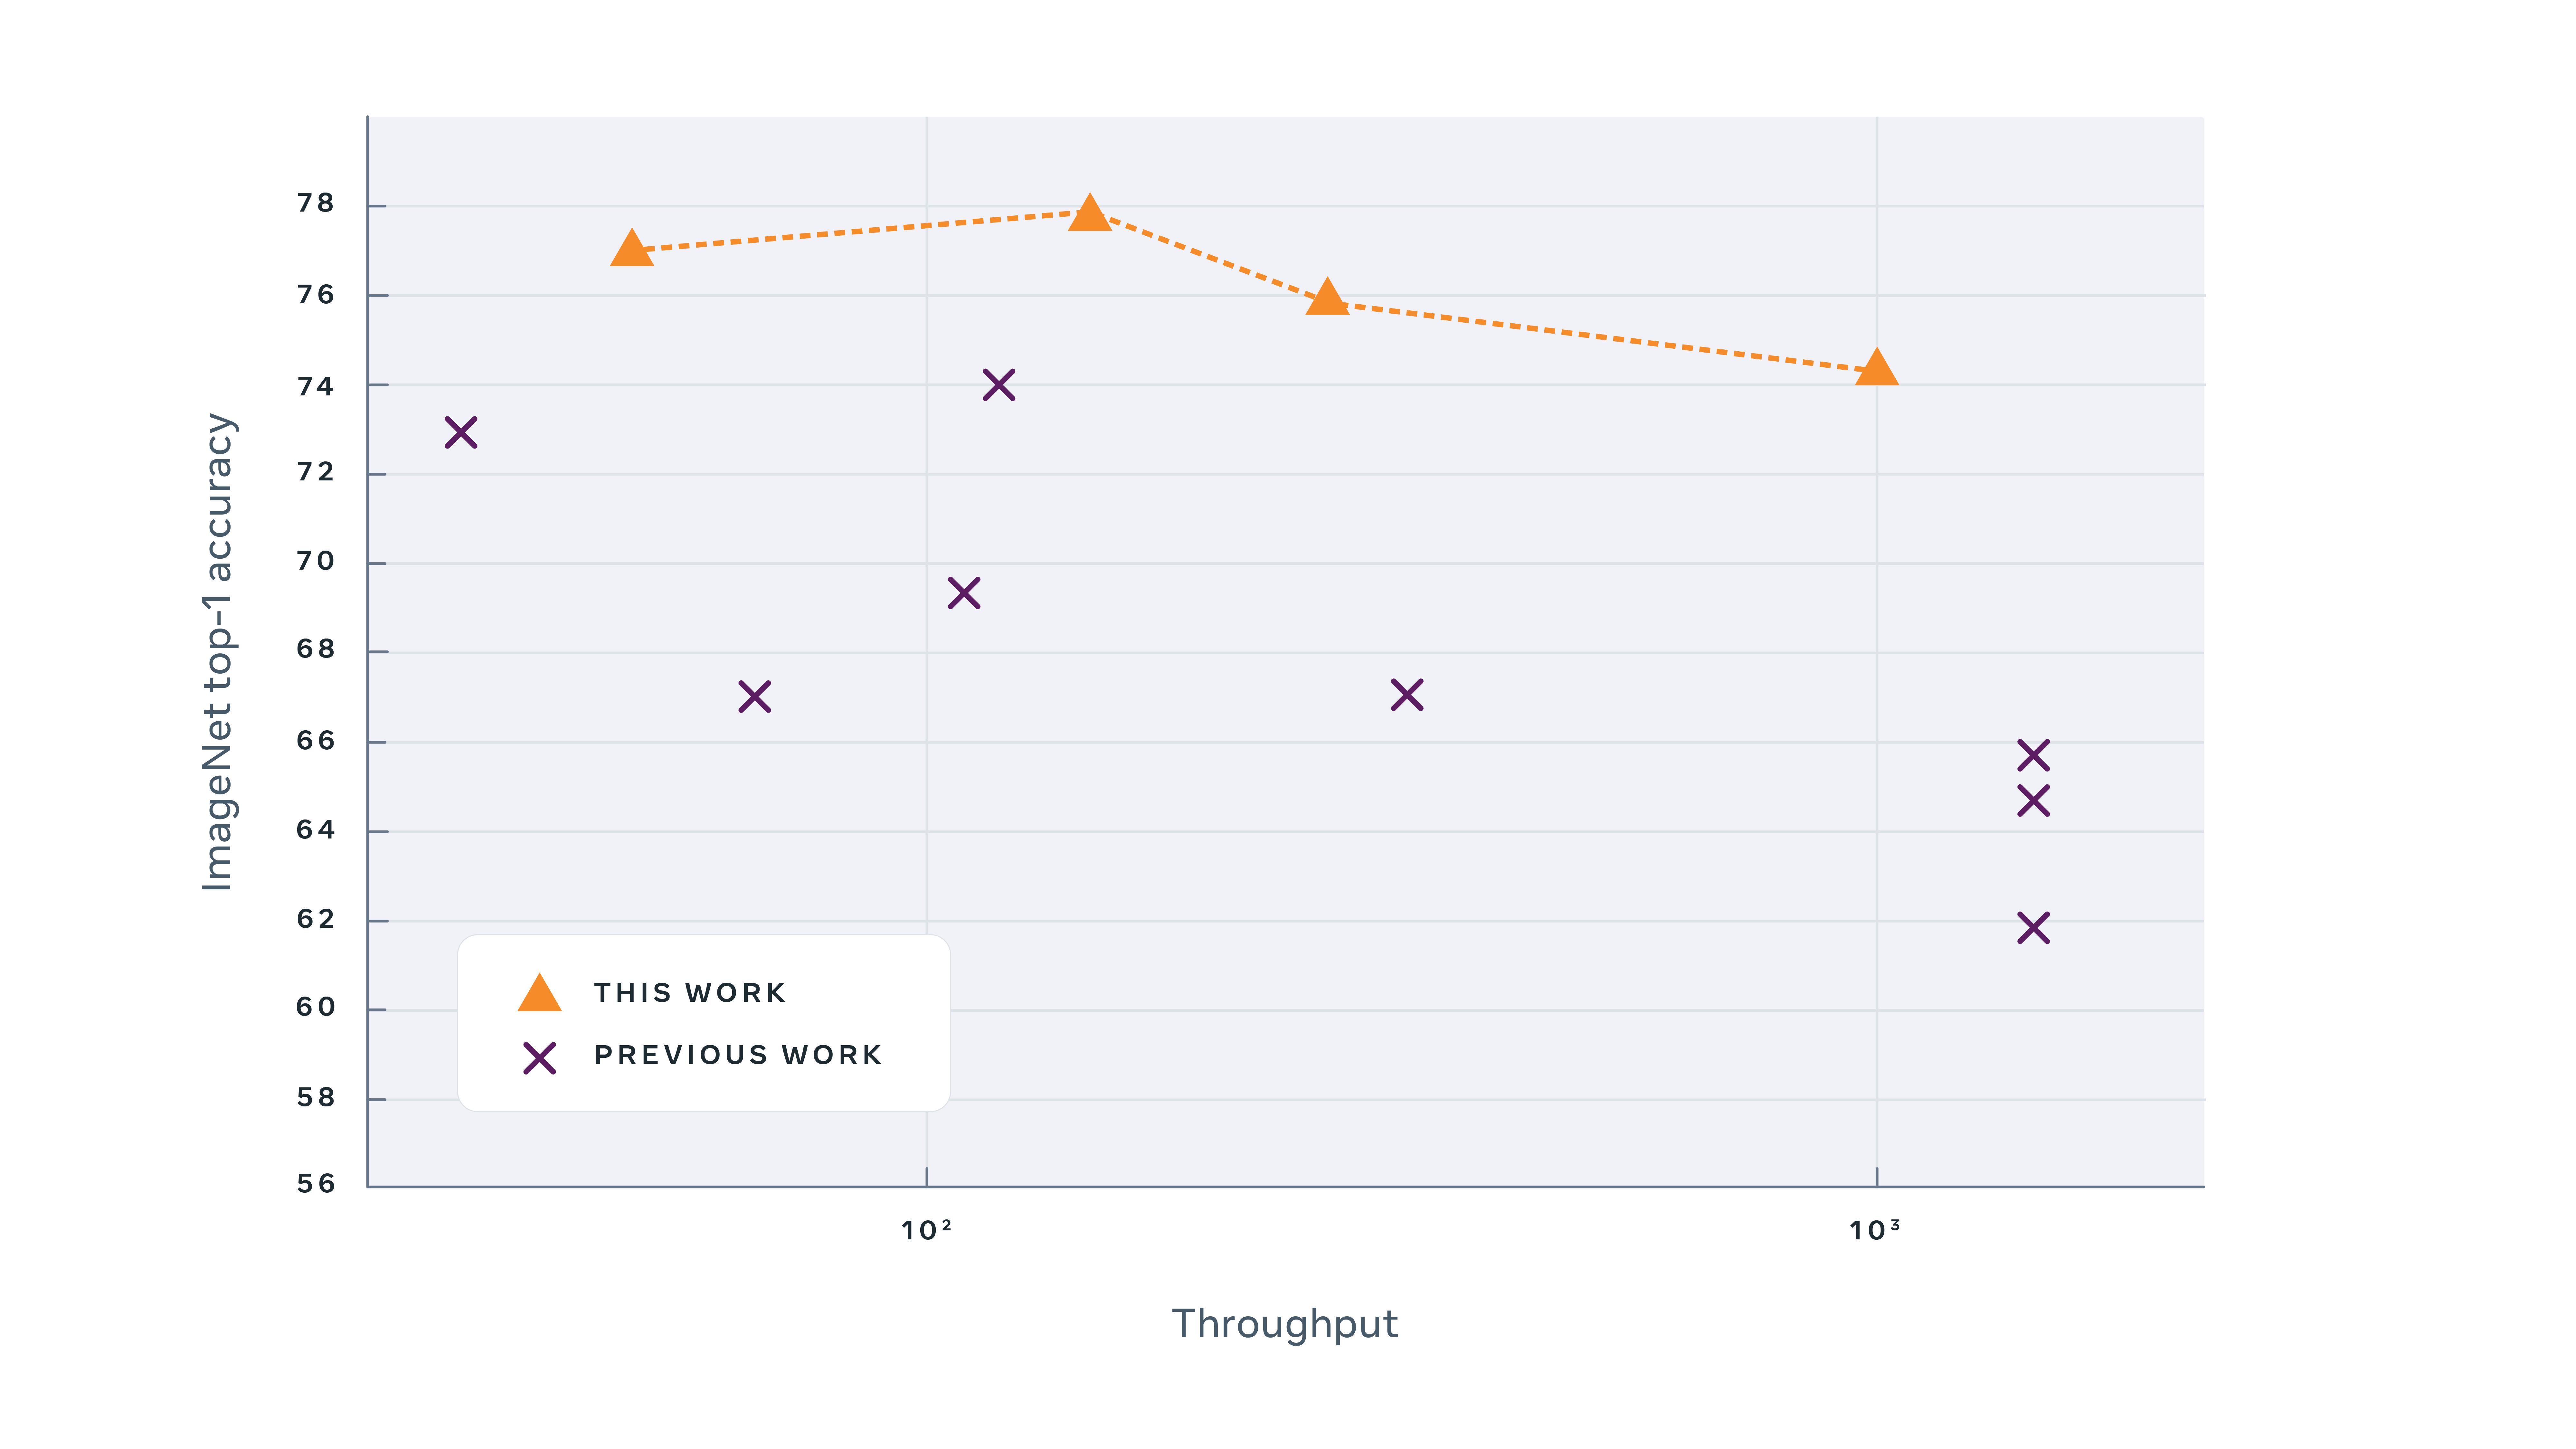 Этот график показывает точность классификации k-NN для различных моделей